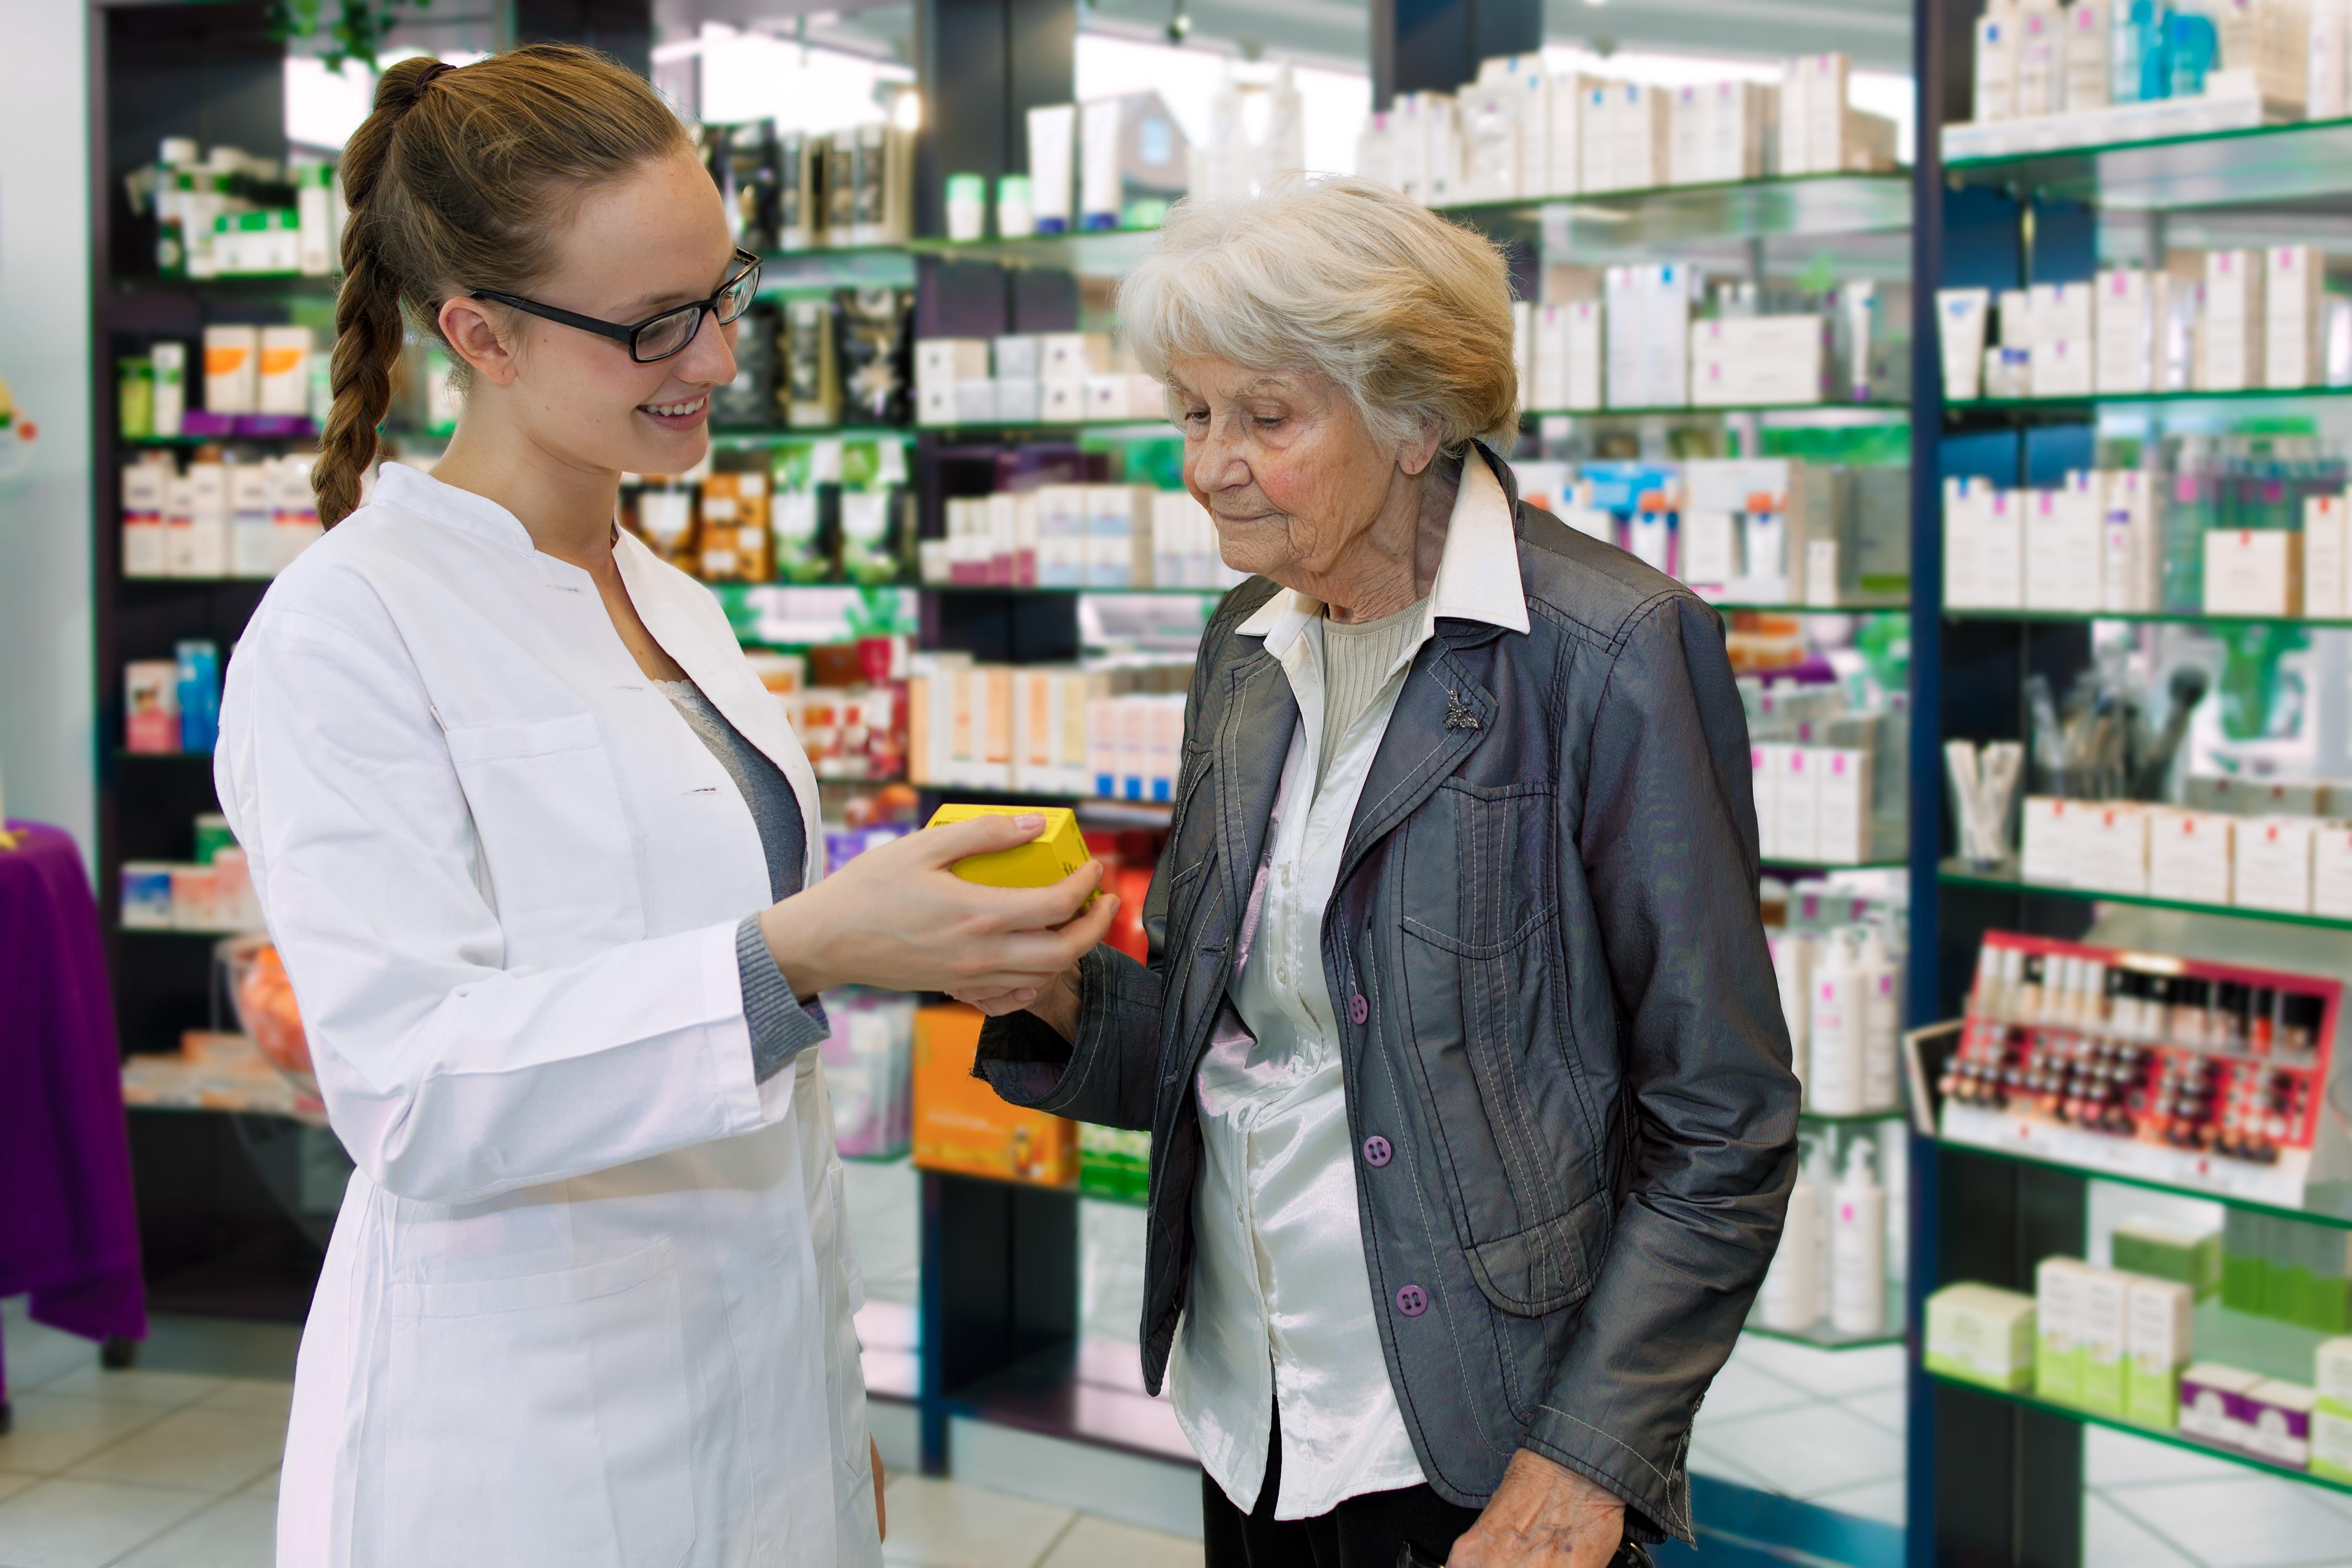 """Många kvinnor avstår från att fråga på apoteket om sina underlivsbesvär. Med kampanjen """"Hej Snippan"""" vill Apoteksgruppen få fler att våga lyfta frågan."""